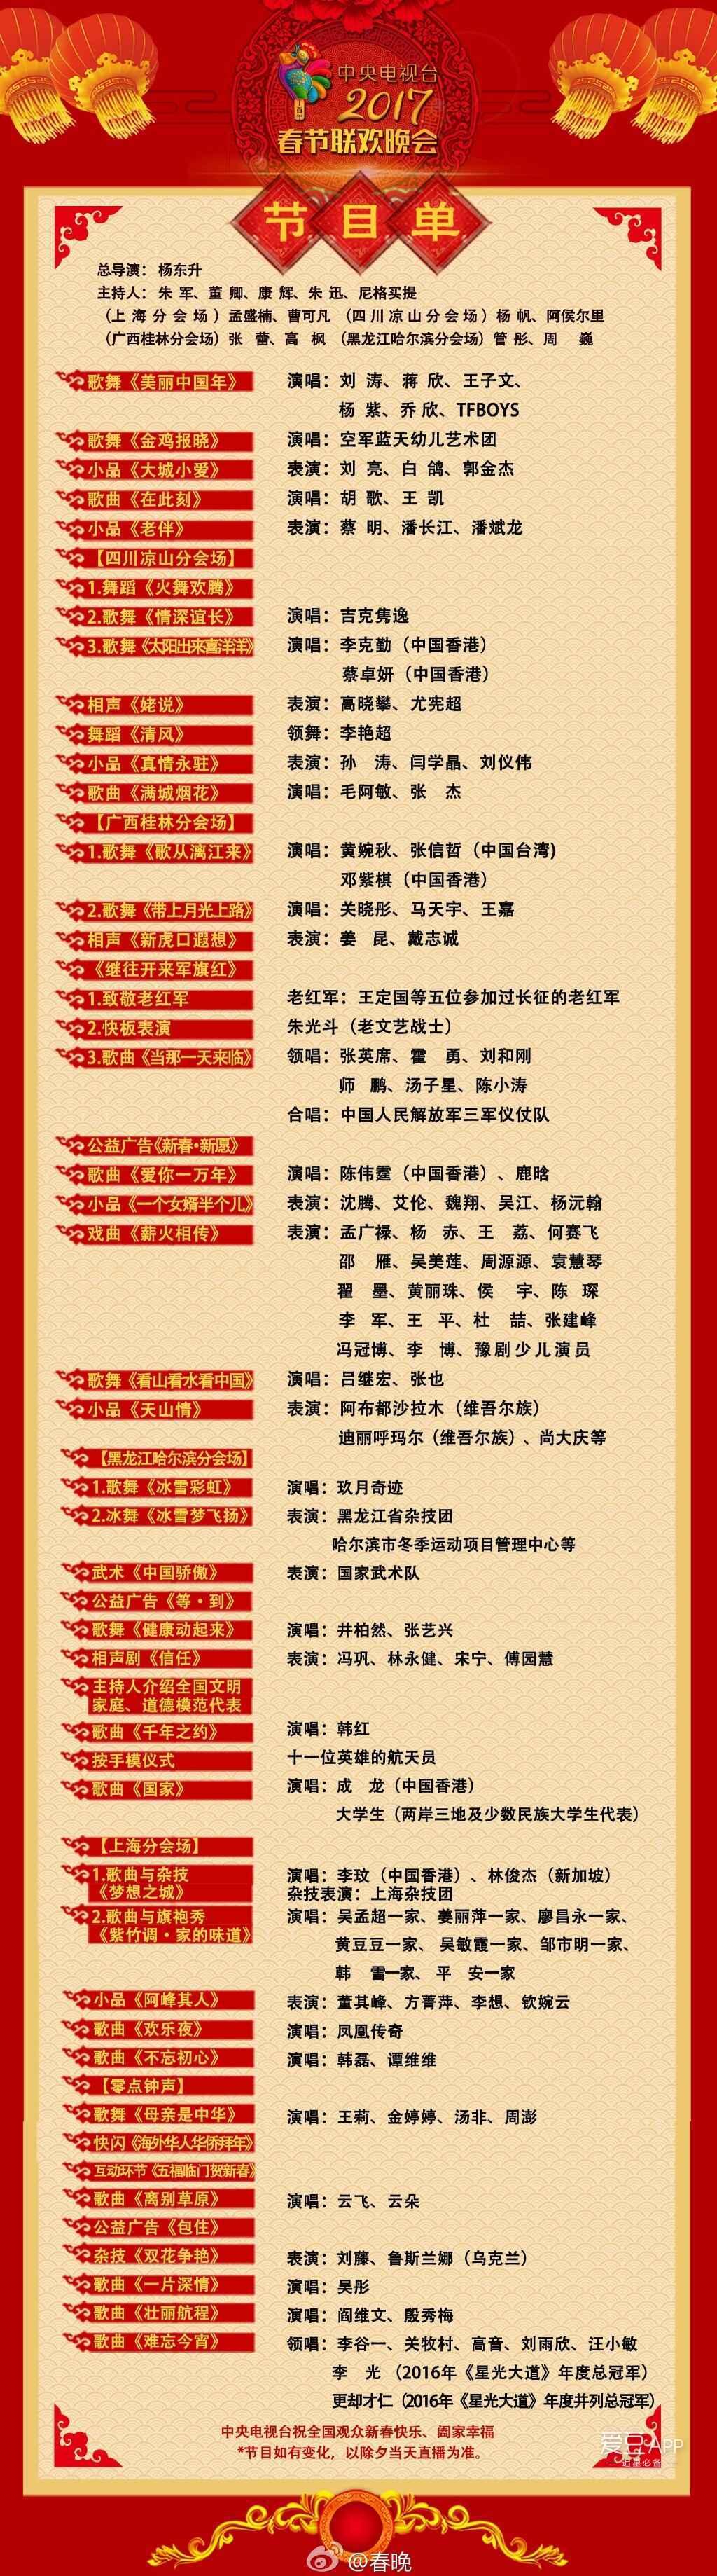 [tfboys][新聞]170126 央視春晚節目單曝光 tfboys開場獻唱《美麗中國圖片